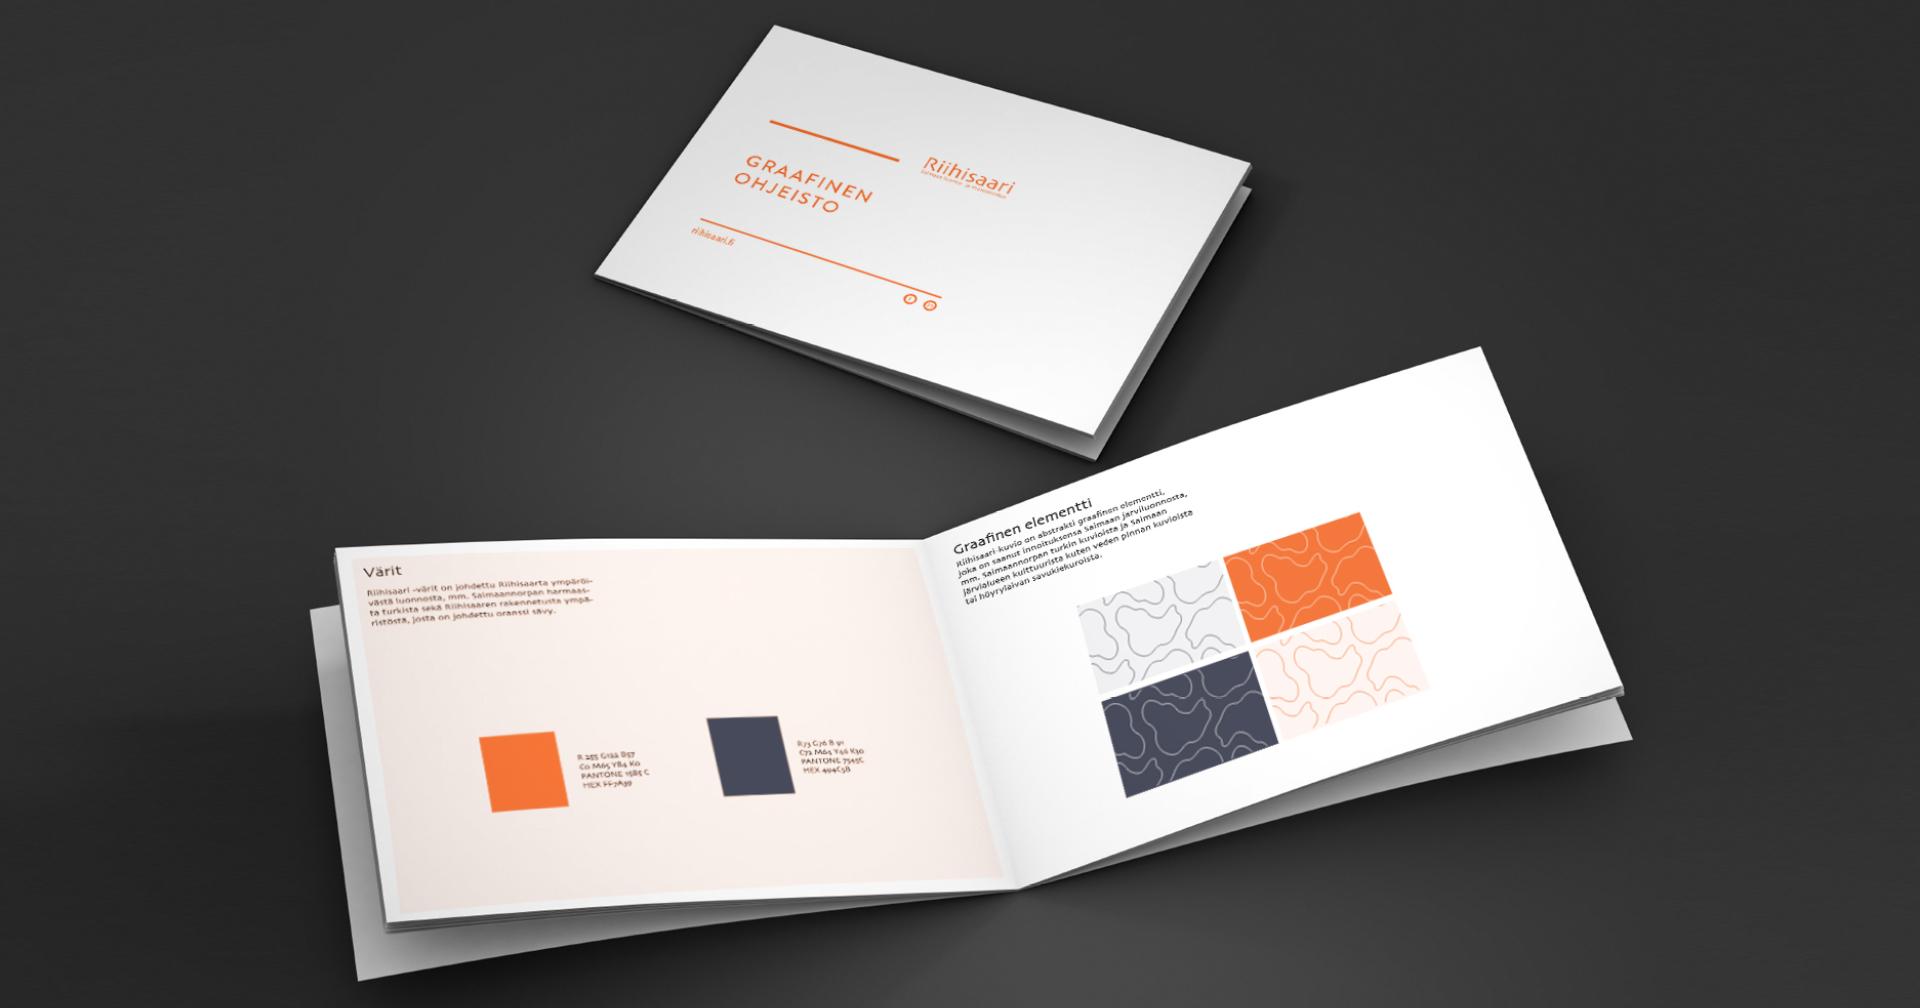 Työnäyte: Riihisaari - graafinen suunnittelu ja toteutus